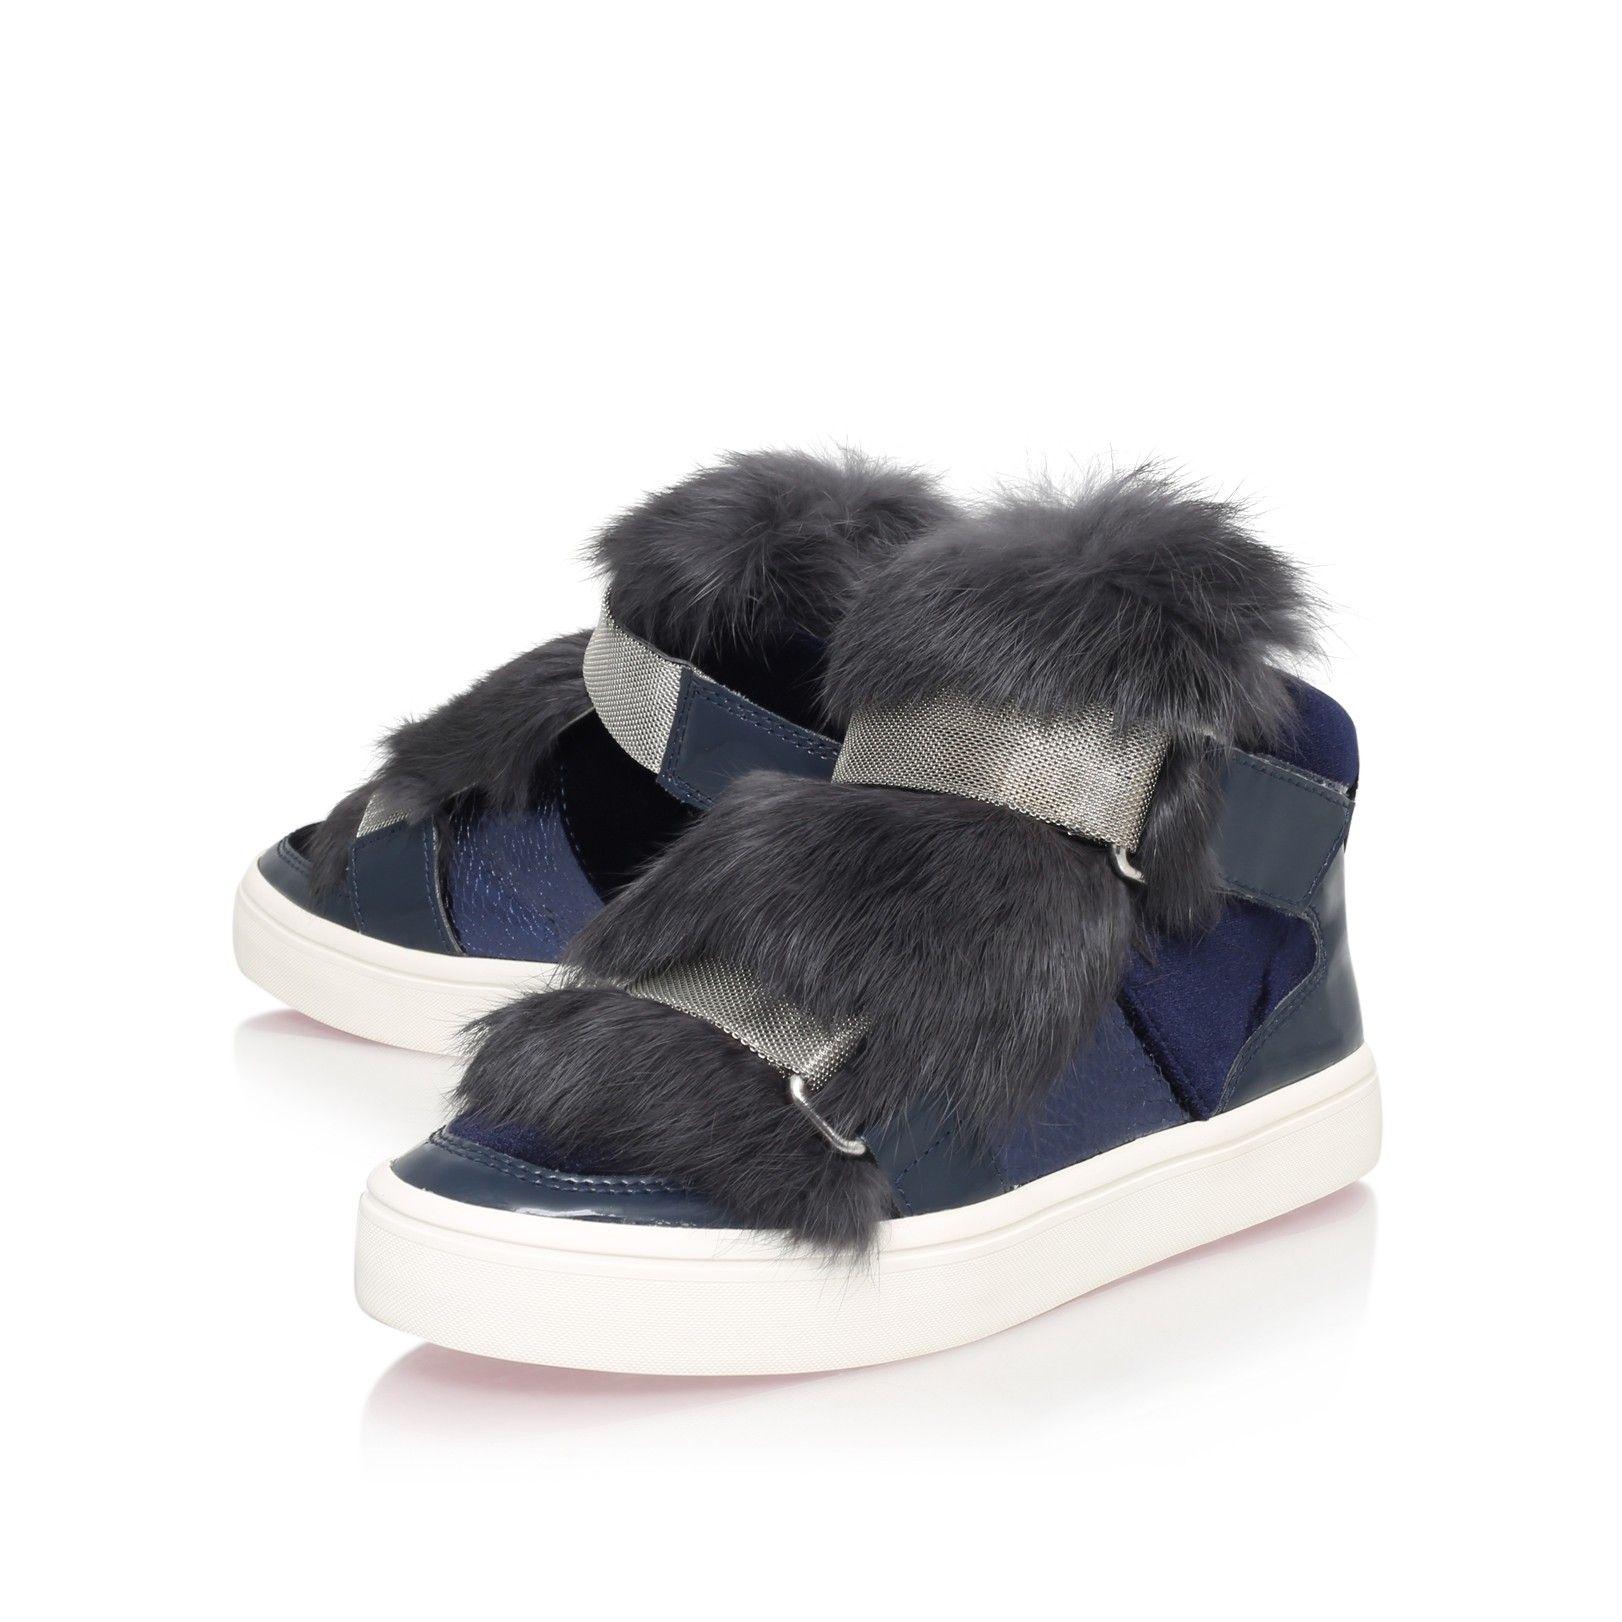 Kurt Geiger | Carvela kurt geiger shoes